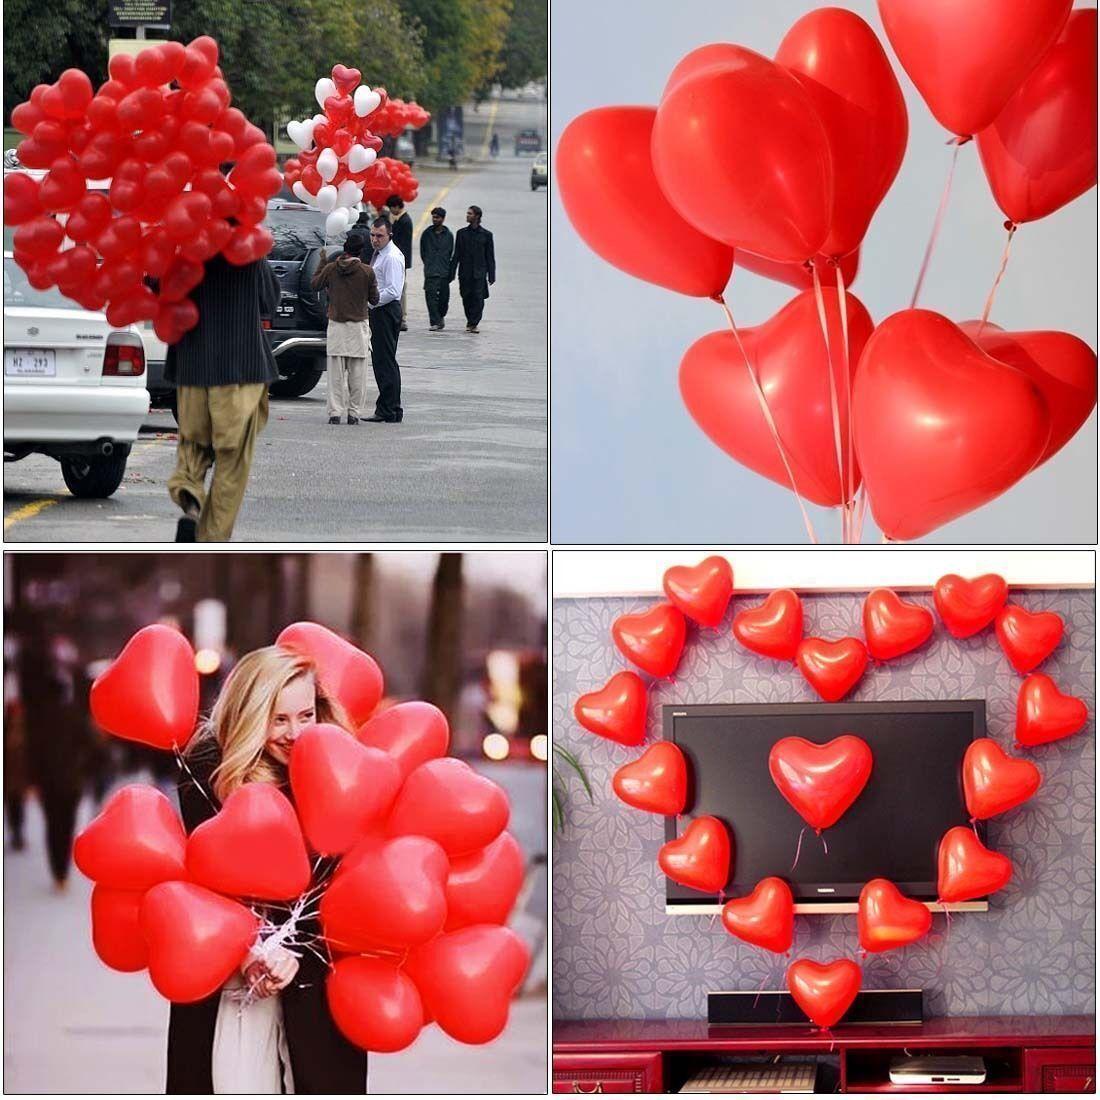 NUOVO all'ingrosso Rosso Amore Cuore Cuore Cuore Palloncini Festa Matrimonio Romantico bolla Forma numerazione di riferimento cd0b92